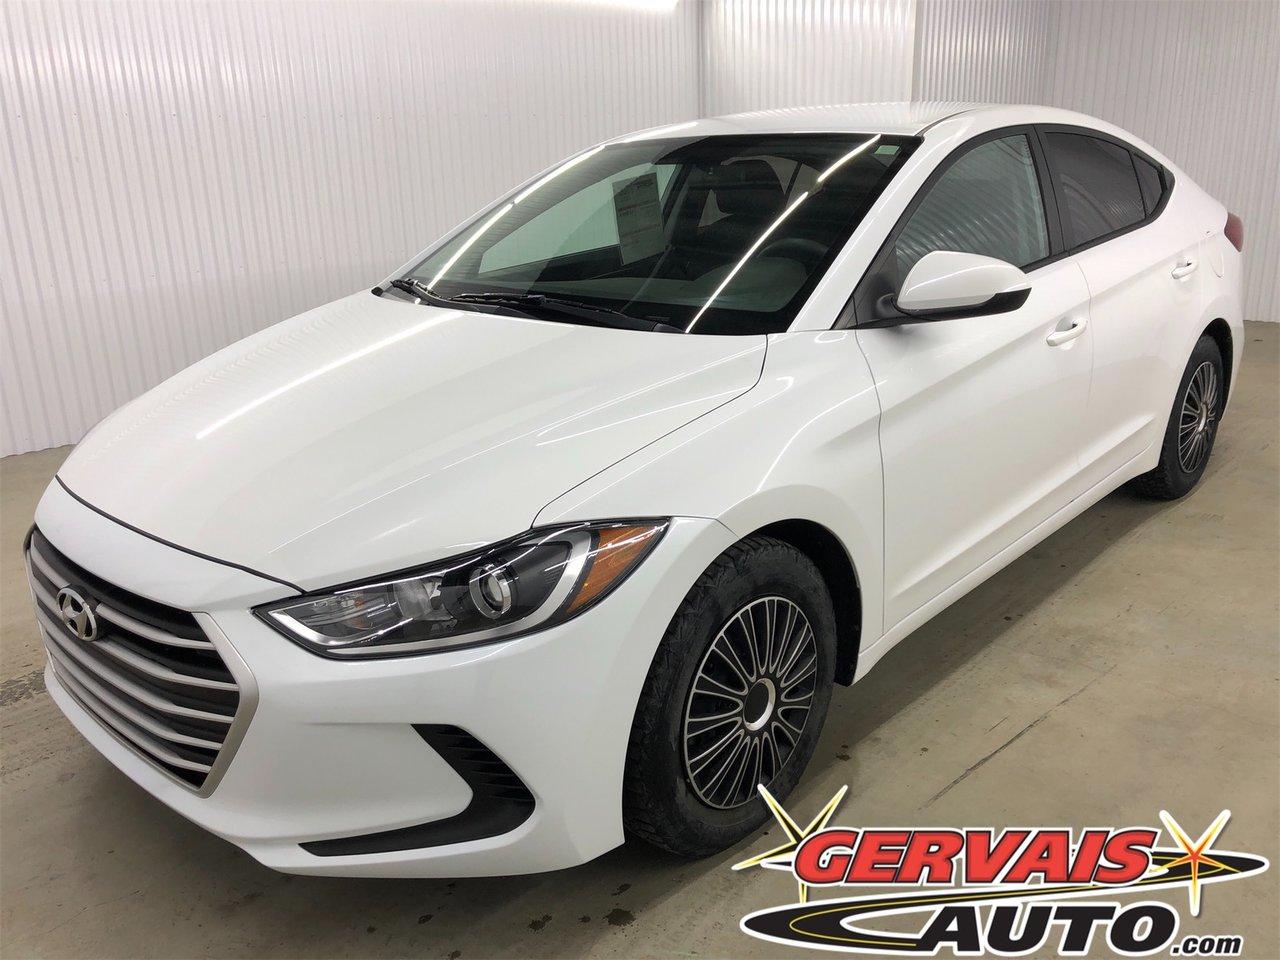 Hyundai Elantra 2017 A/C